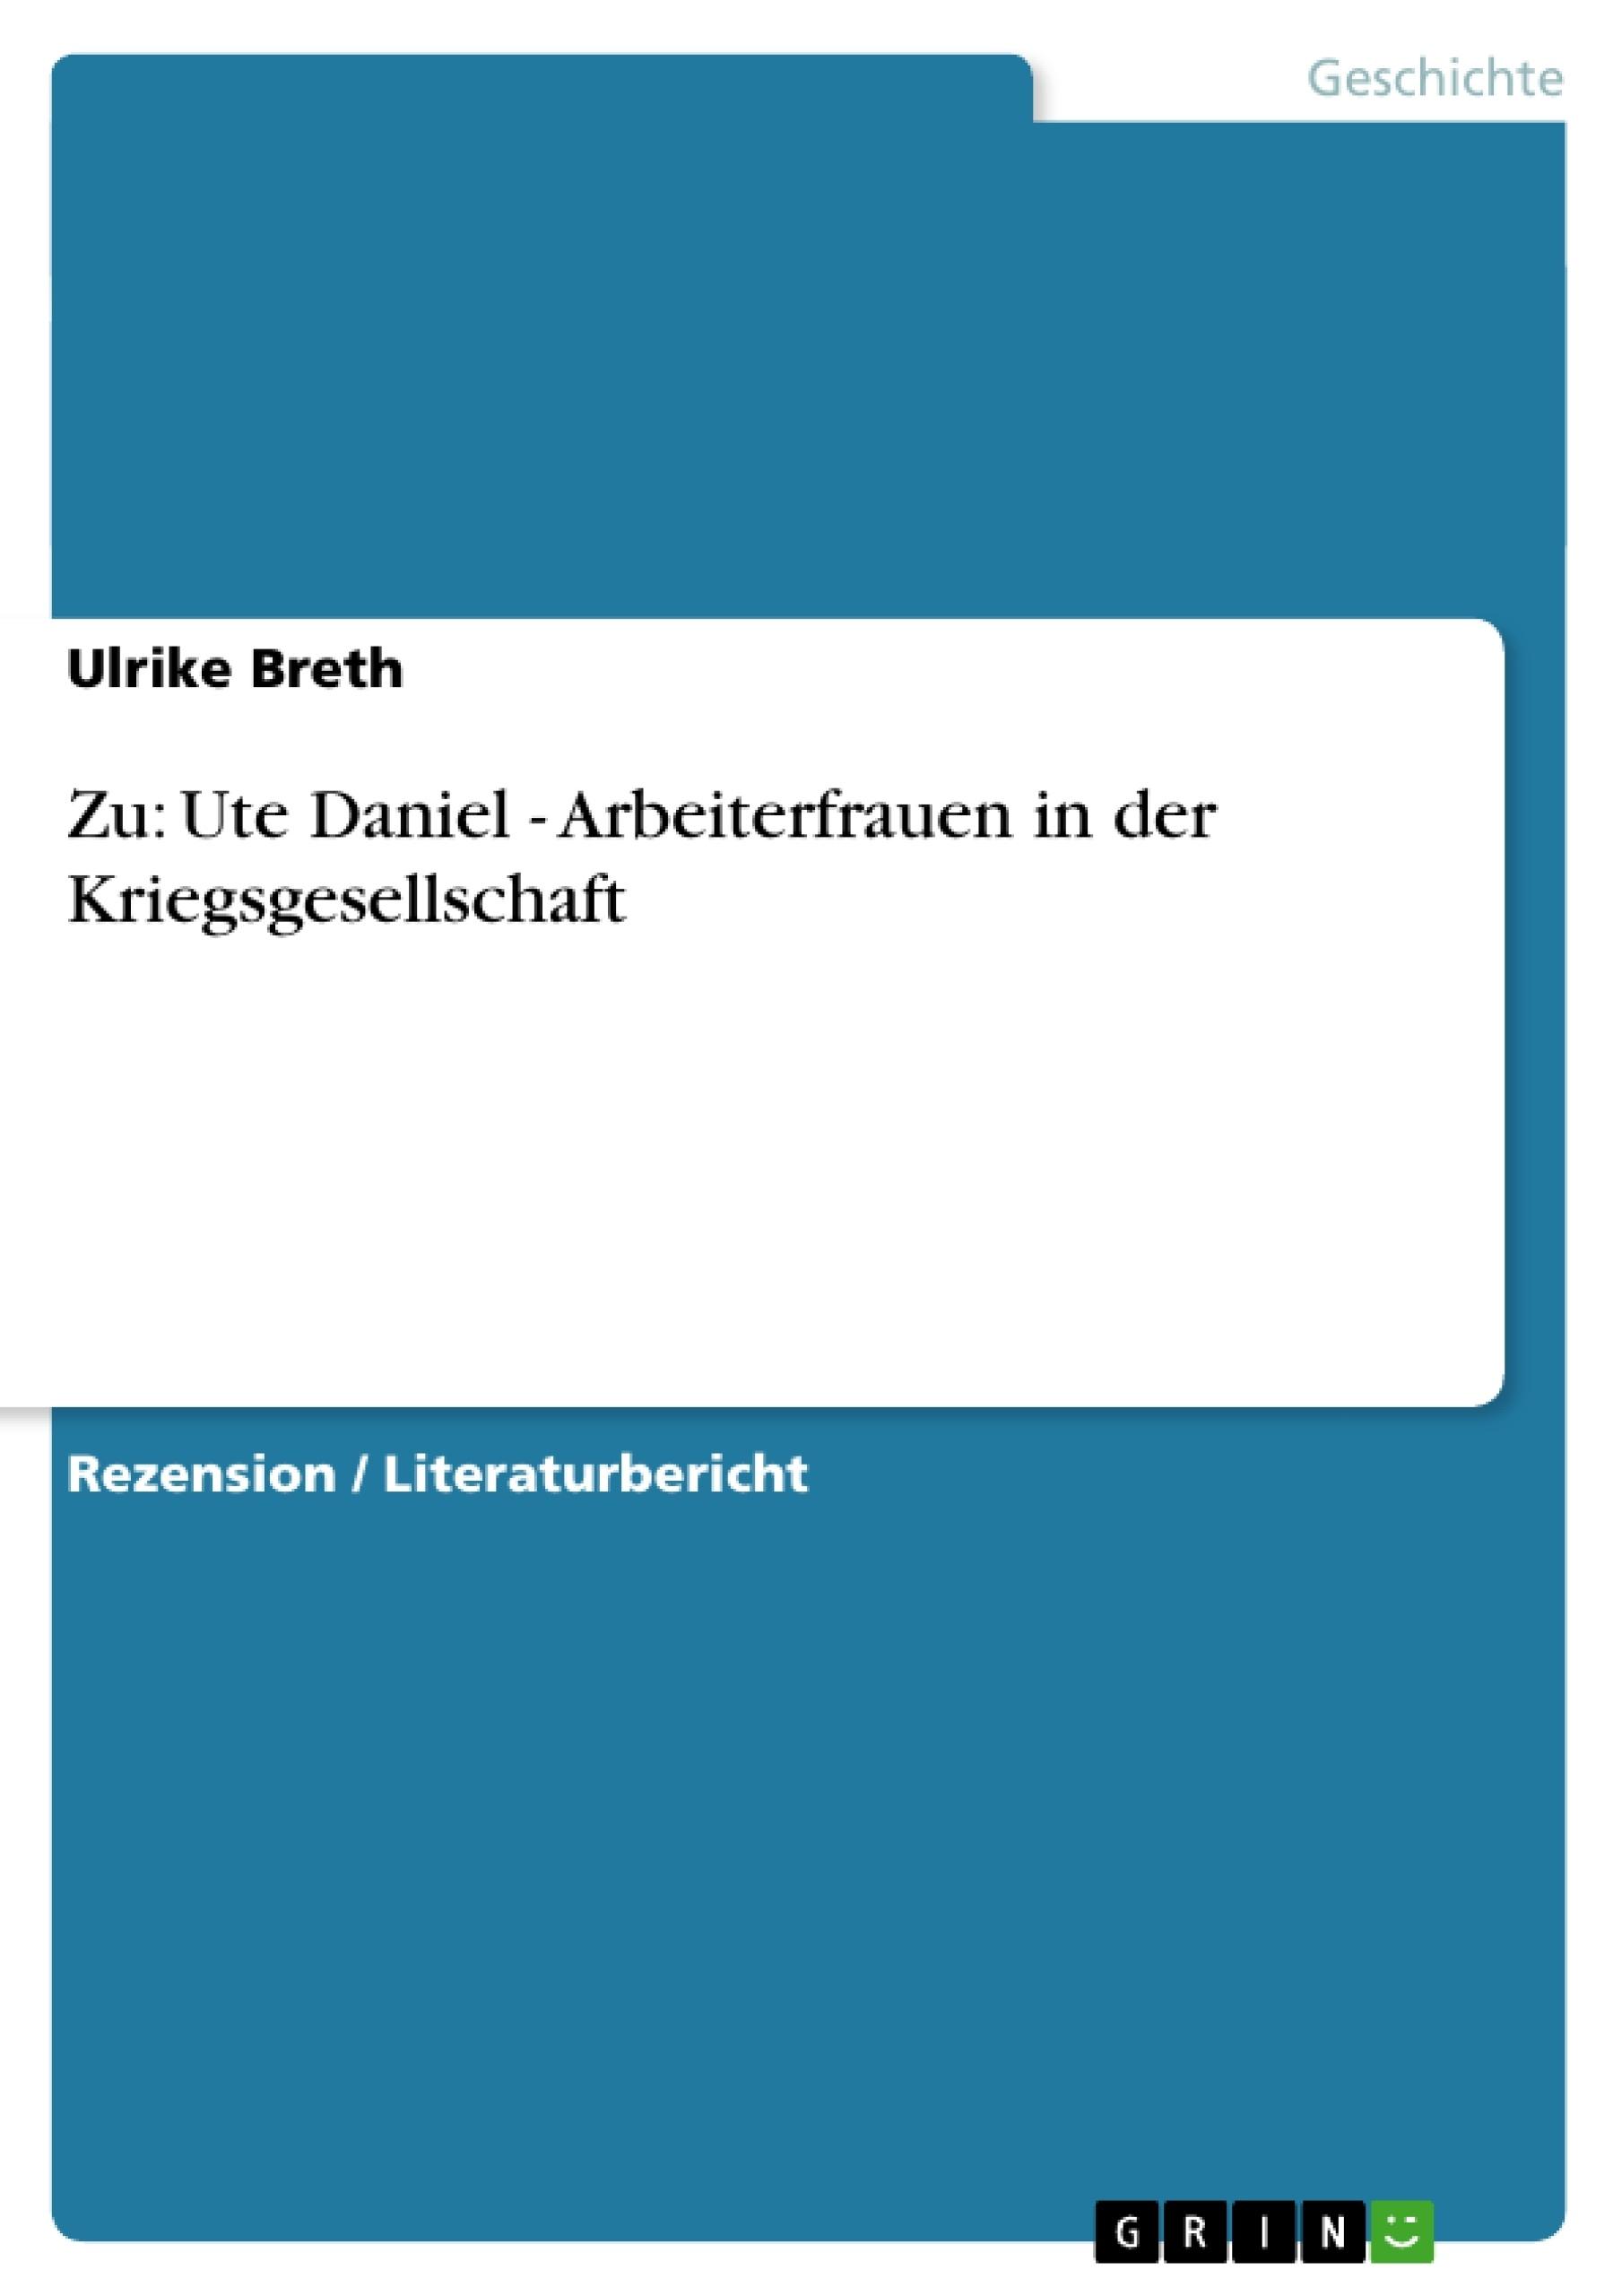 Titel: Zu: Ute Daniel - Arbeiterfrauen in der Kriegsgesellschaft